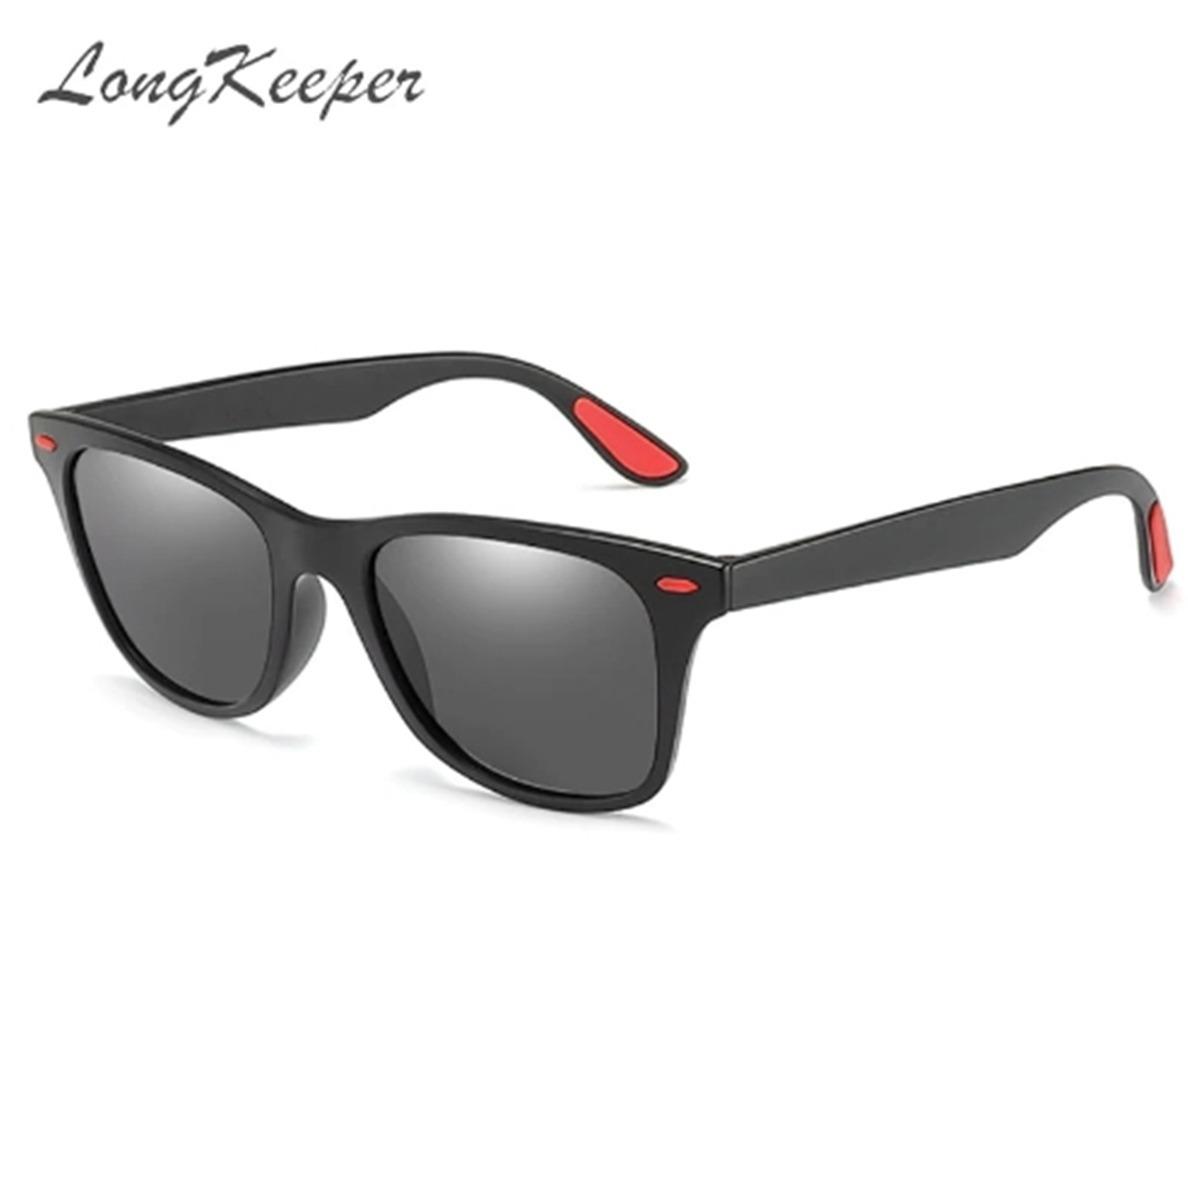 8e79636dfafbe óculos polarizado masculino visão noturna long keeper barato. Carregando  zoom.